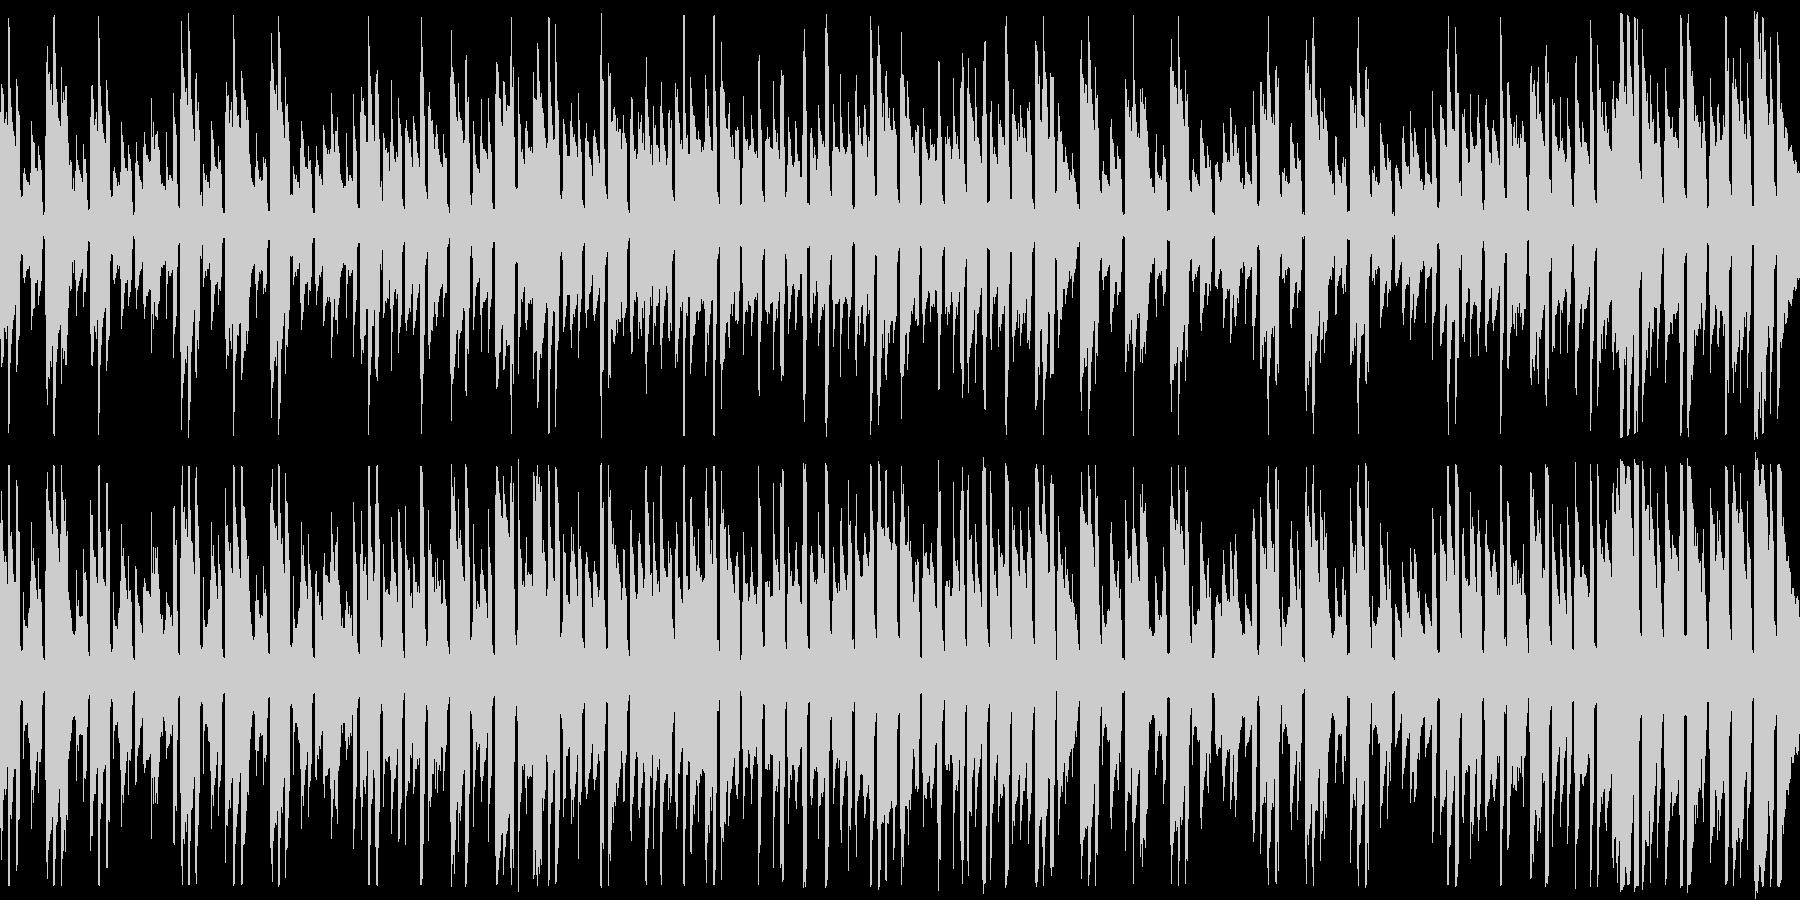 アコギのみの不思議な世界観の楽曲の未再生の波形